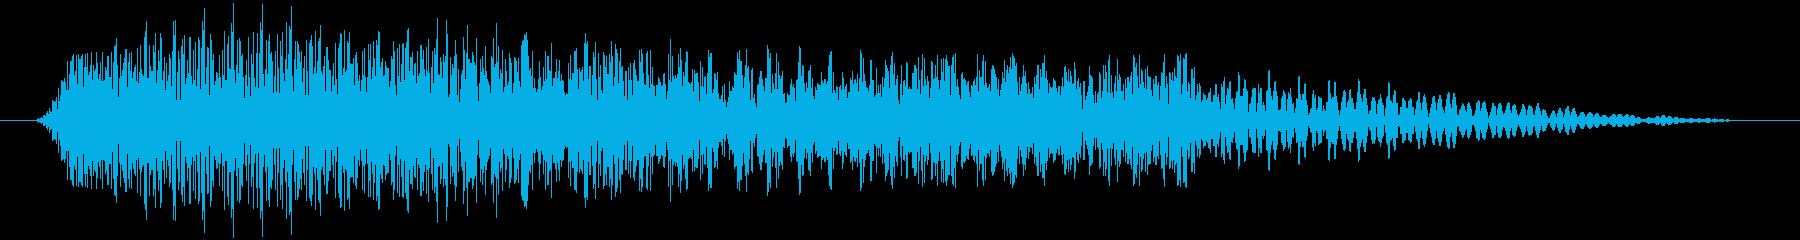 モンスター龍などの咆哮 喉を鳴らしながらの再生済みの波形